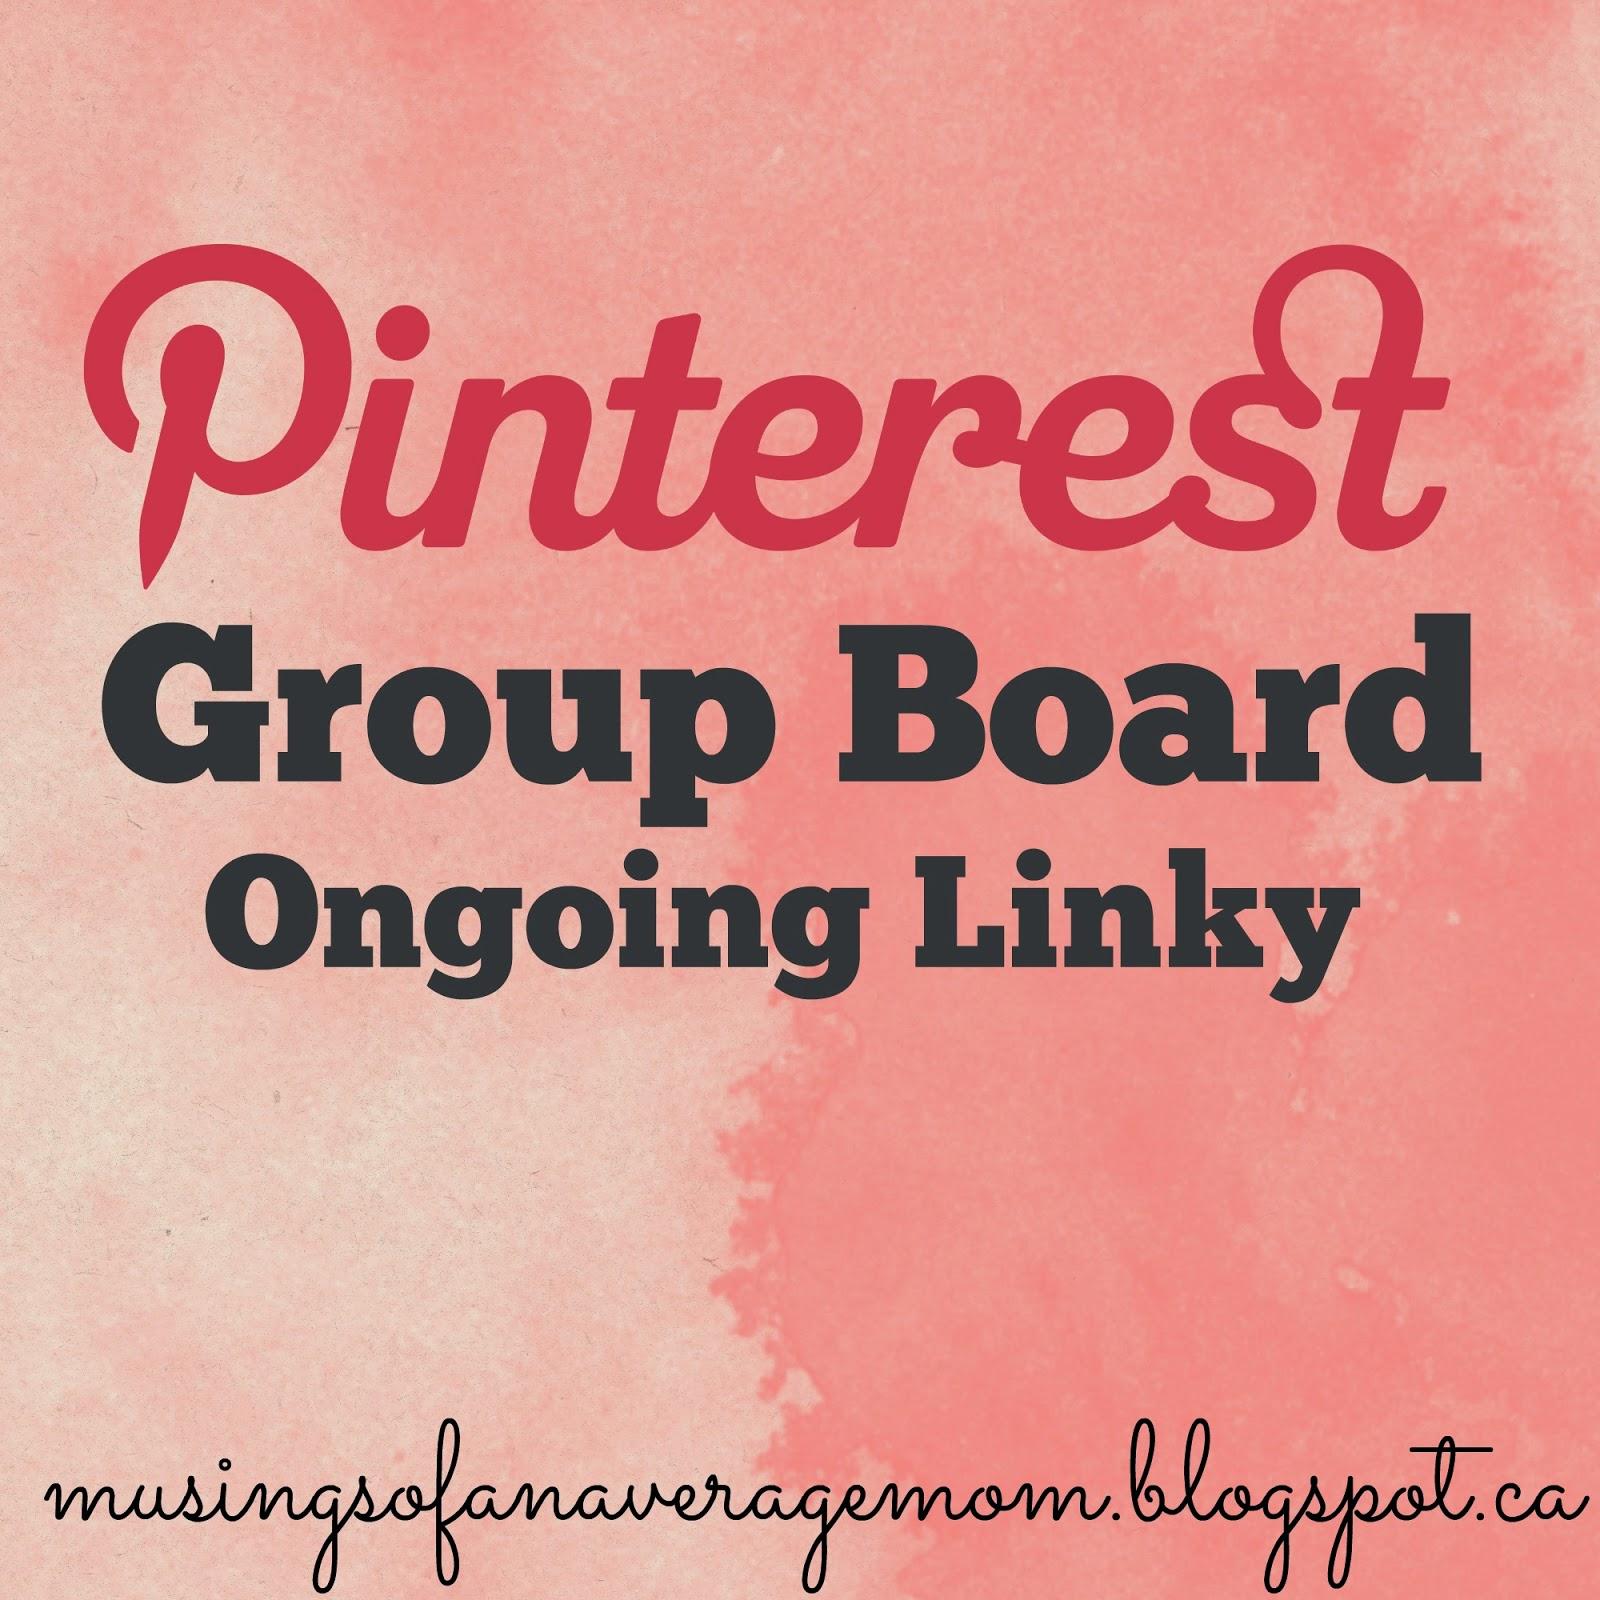 http://musingsofanaveragemom.blogspot.ca/2015/04/pinterest-group-boards.html